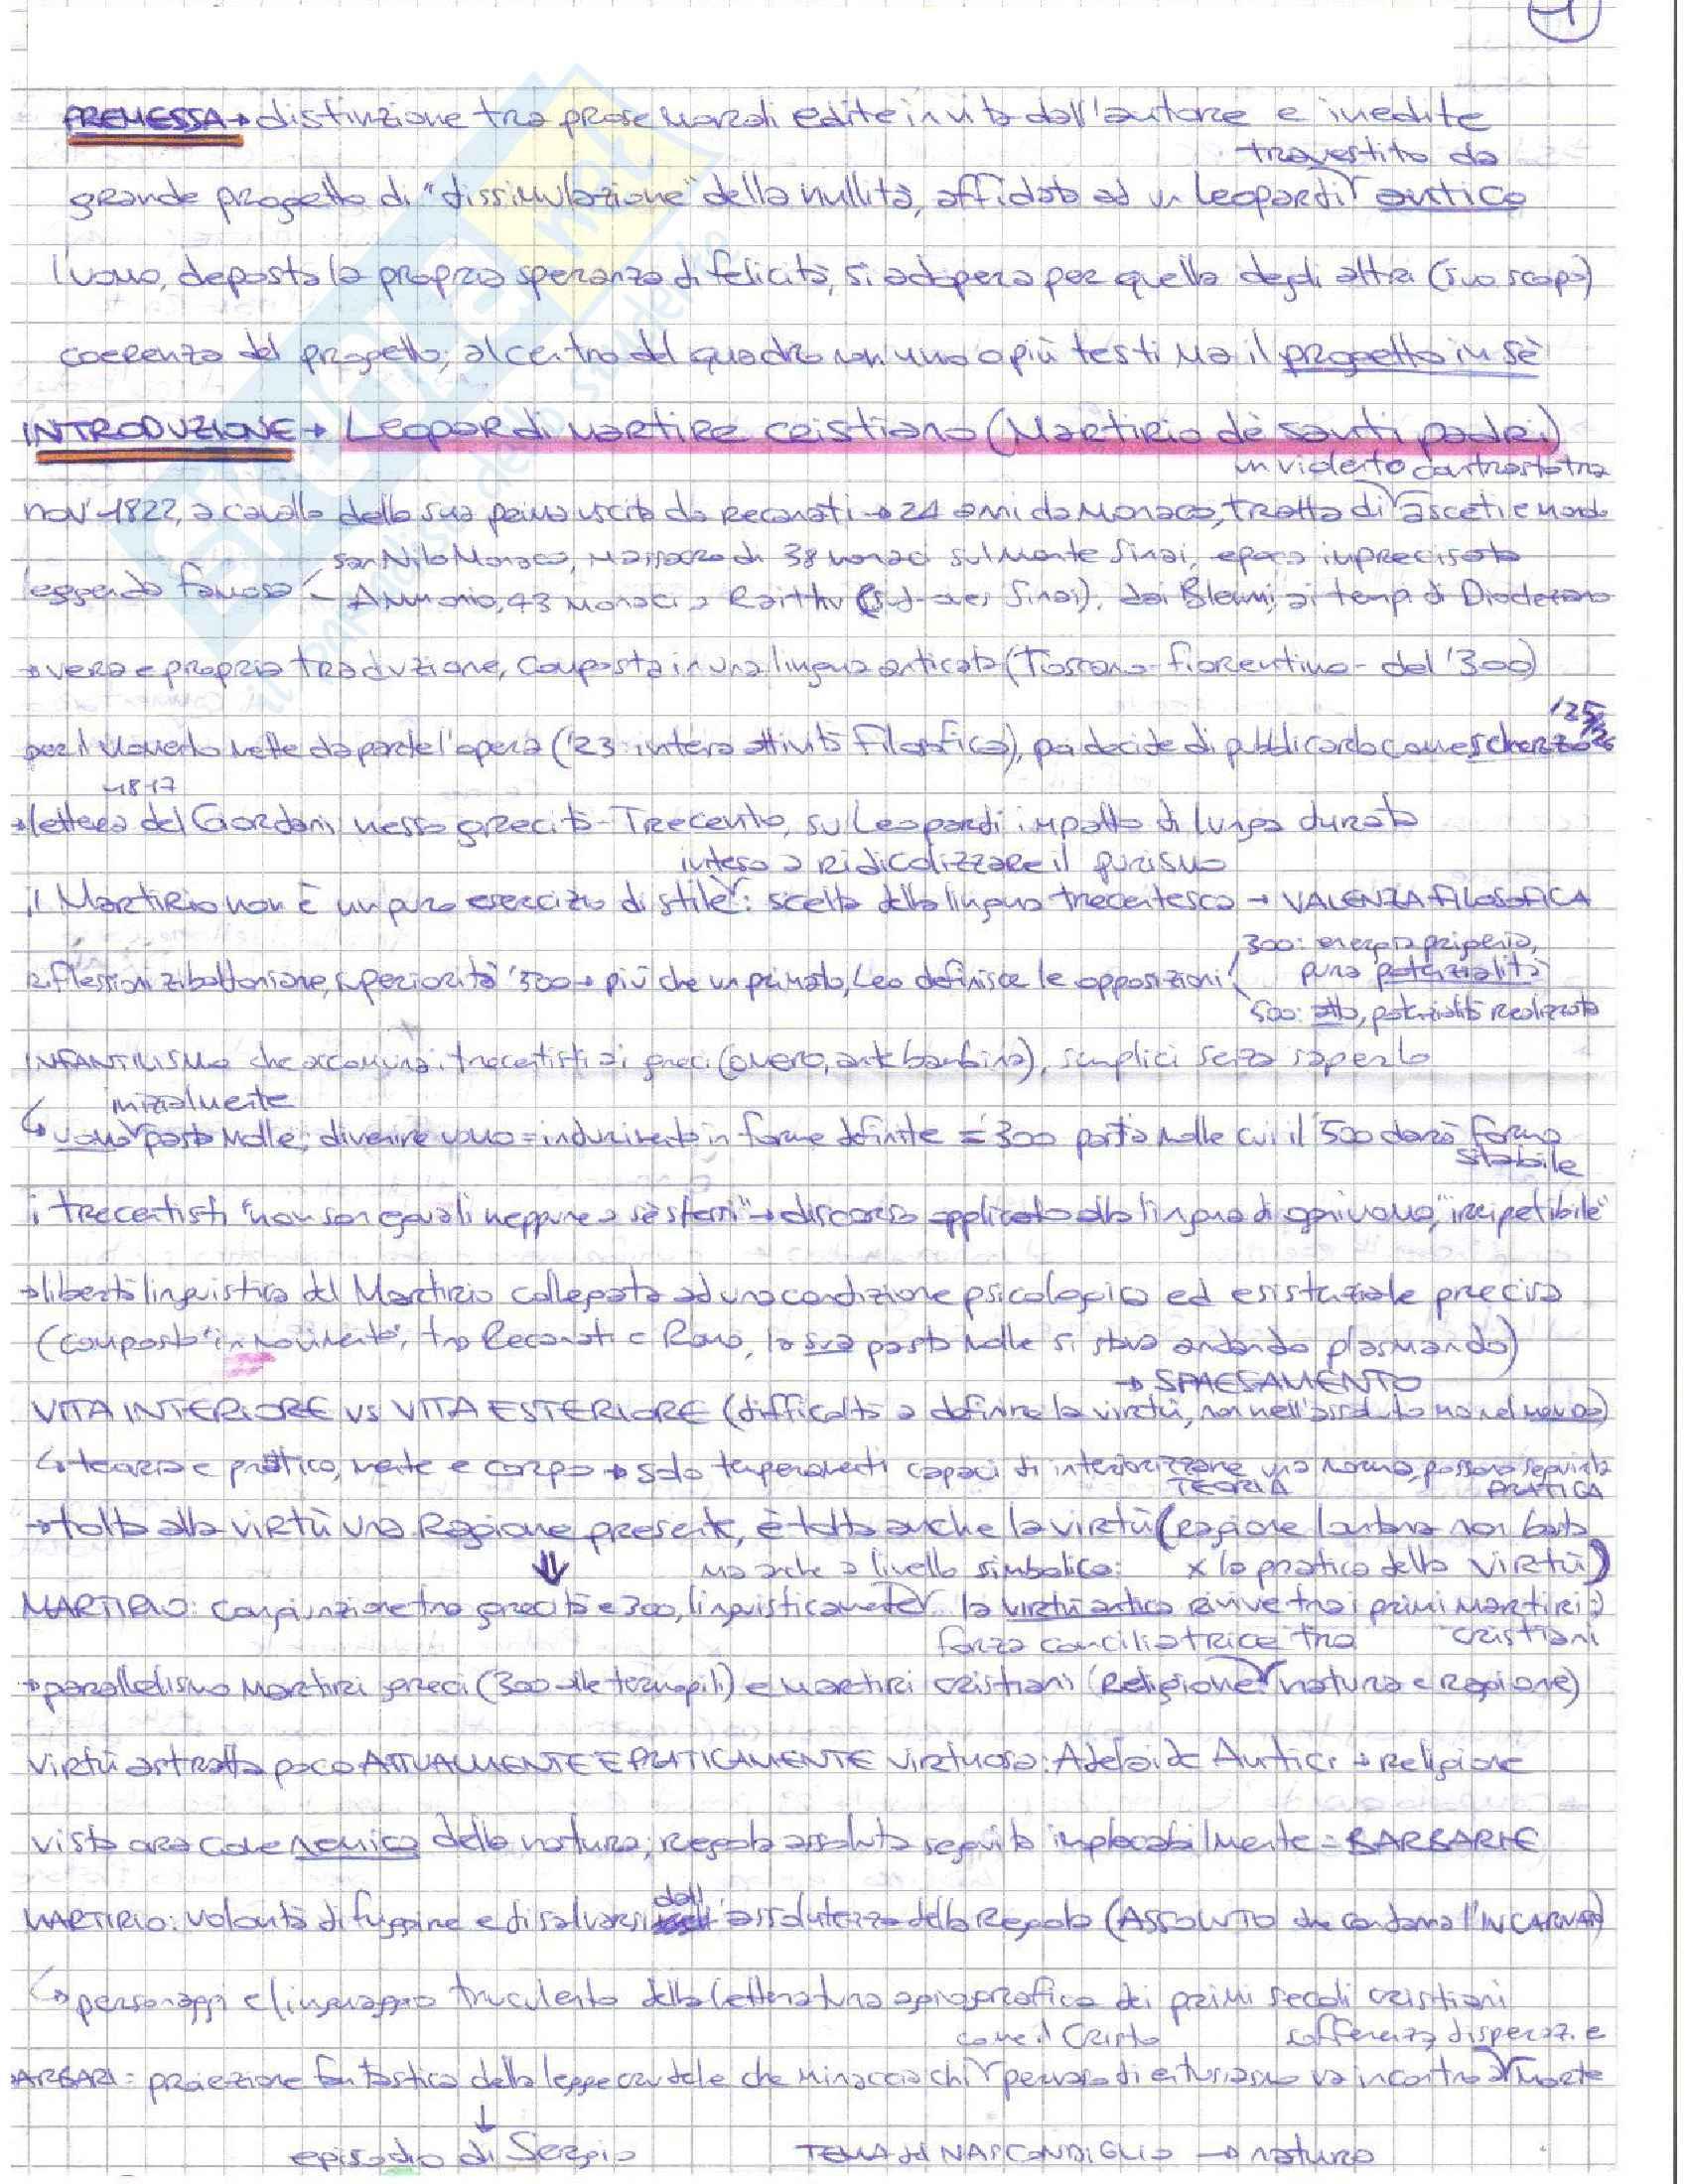 Riassunto esame Letteratura italiana, prof. D'Intino, libro consigliato Volgarizzamenti in prosa dal greco antico, Leopardi